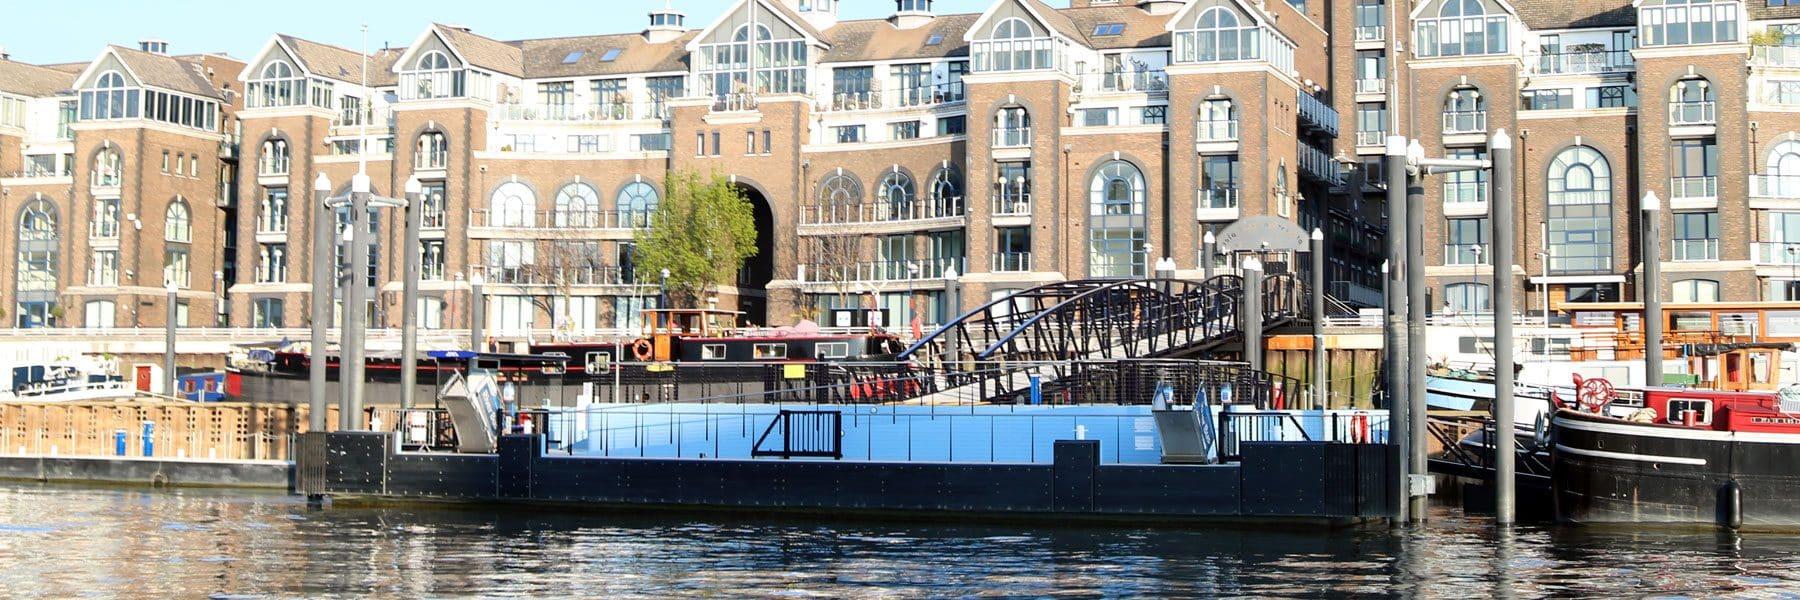 Plantation Wharf Pier